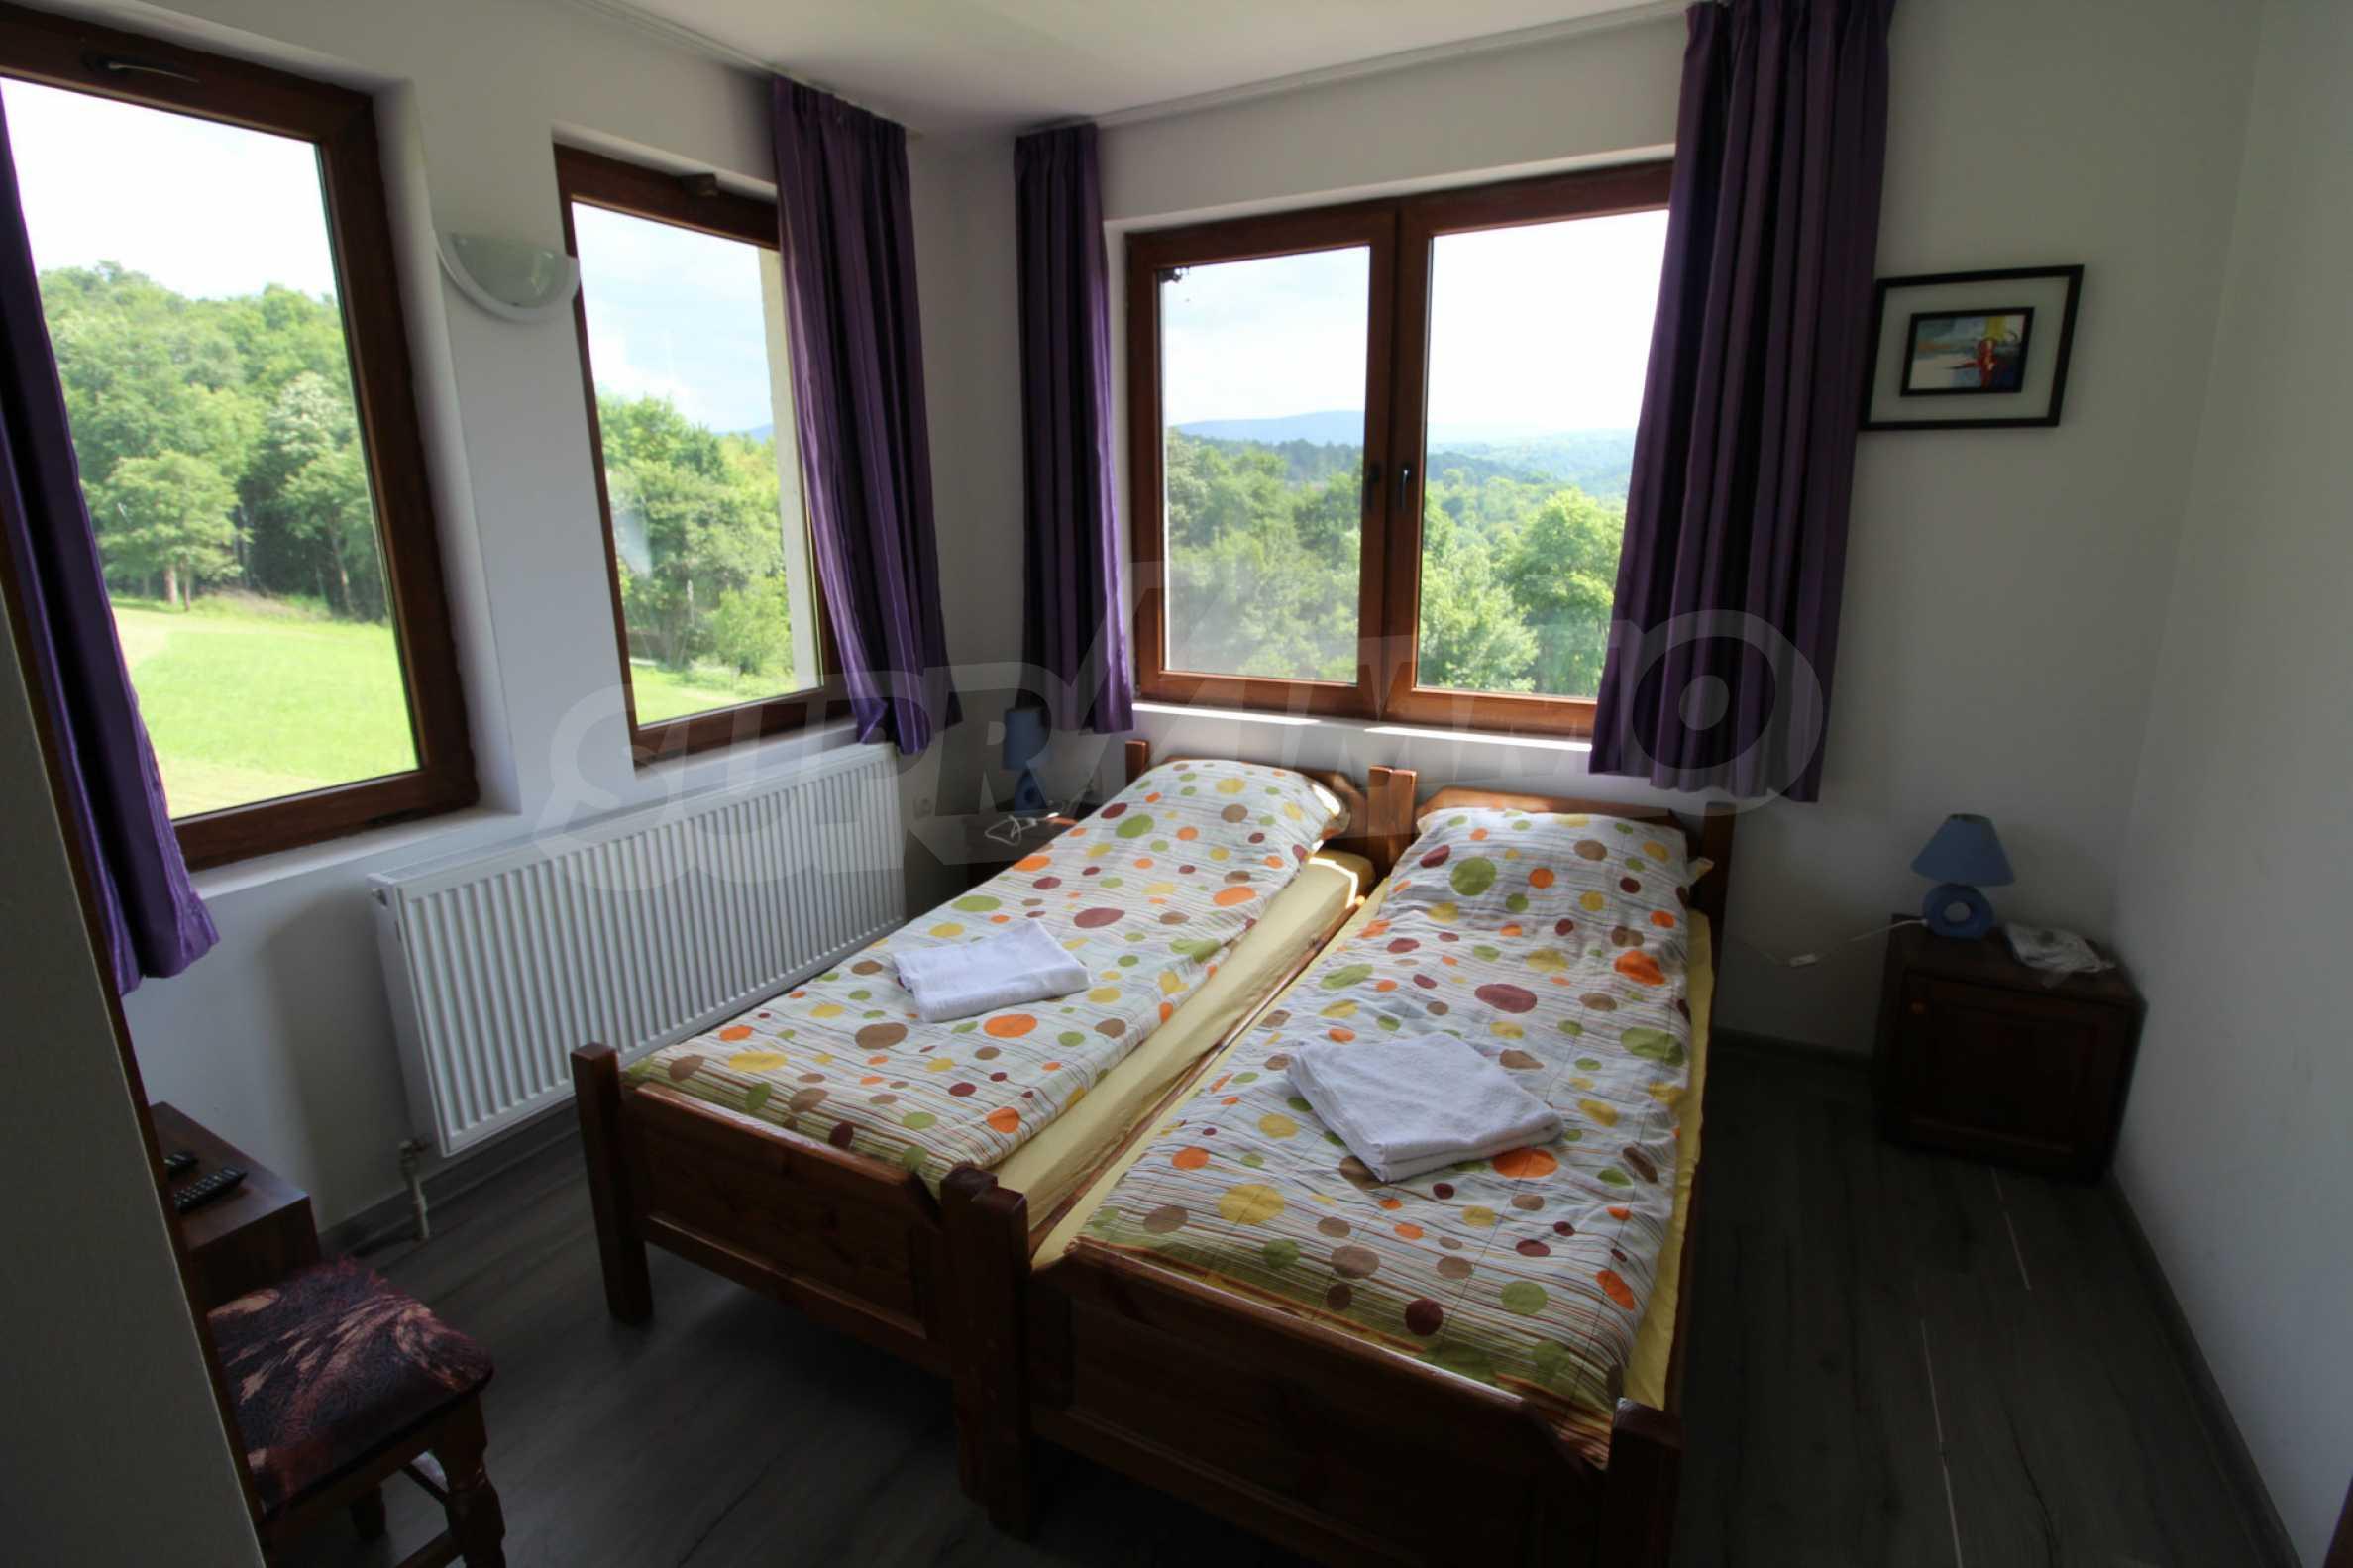 Уникално вилно селище с кръгли къщи на 50 км от Велико Търново  19